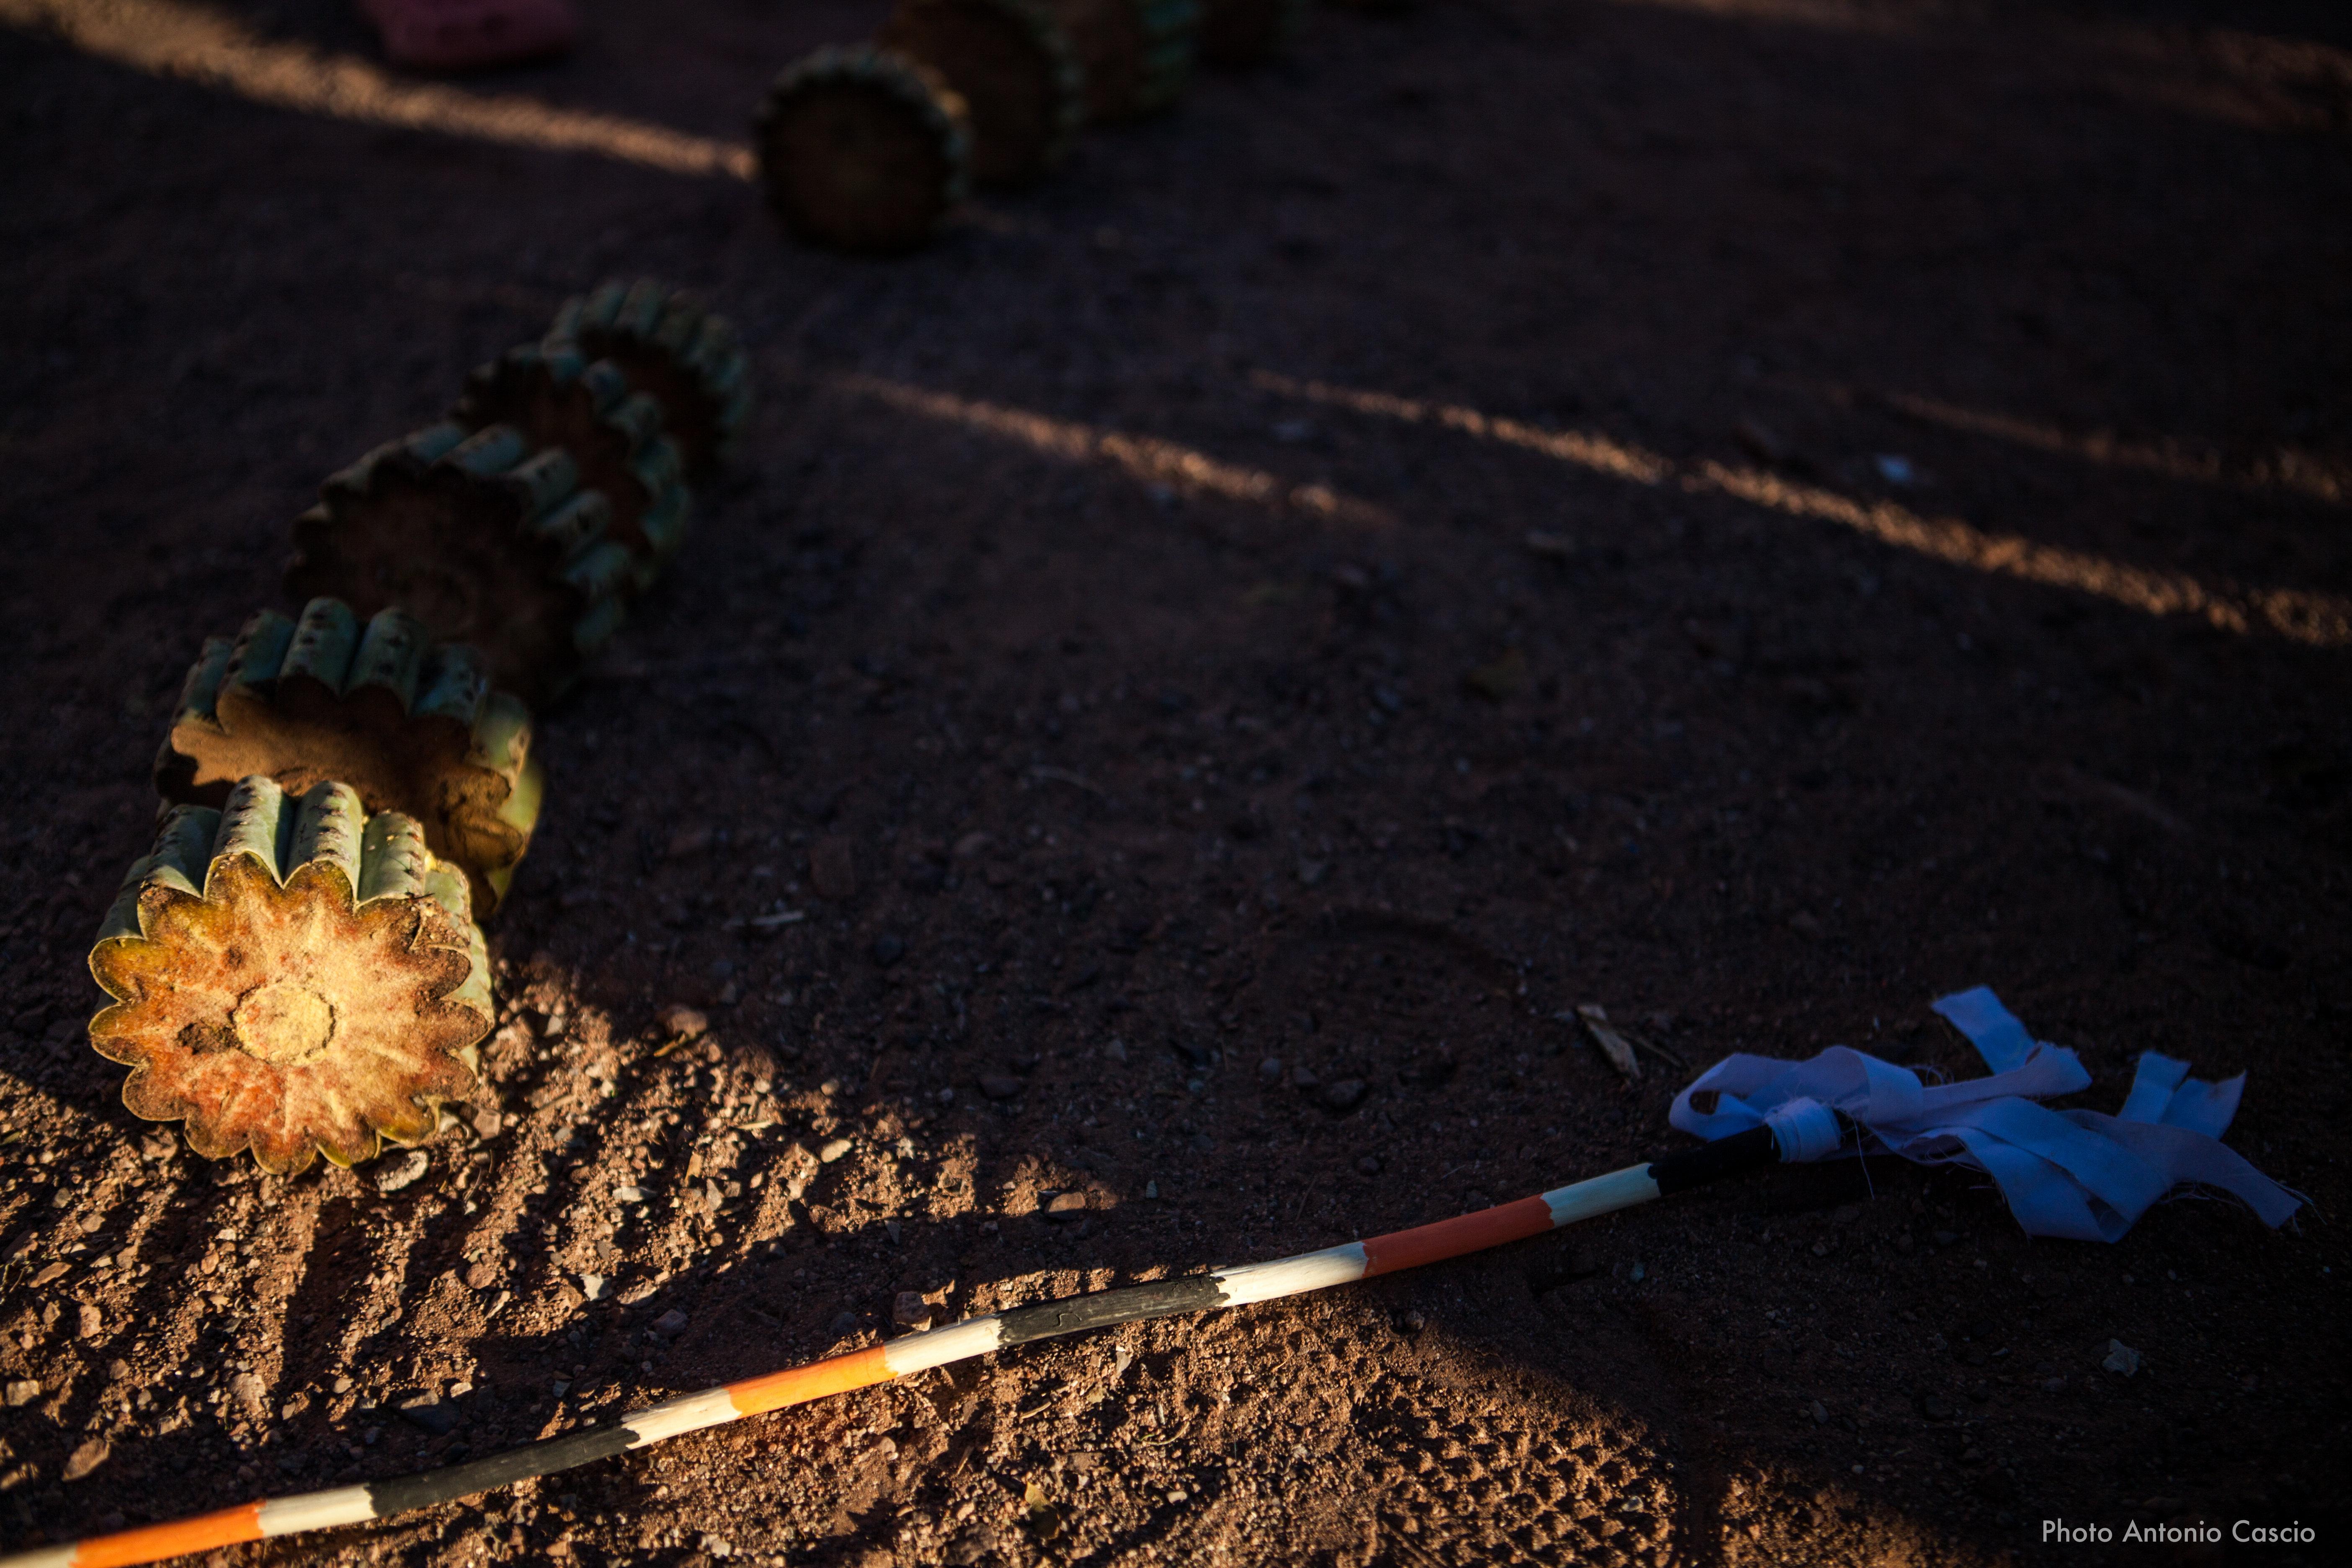 Un pezzo di cactus tagliato per disegnare un circolo di gioco durante la festa della pubertà. Punta Chueca, Sonora, Mexico. 10/12/19